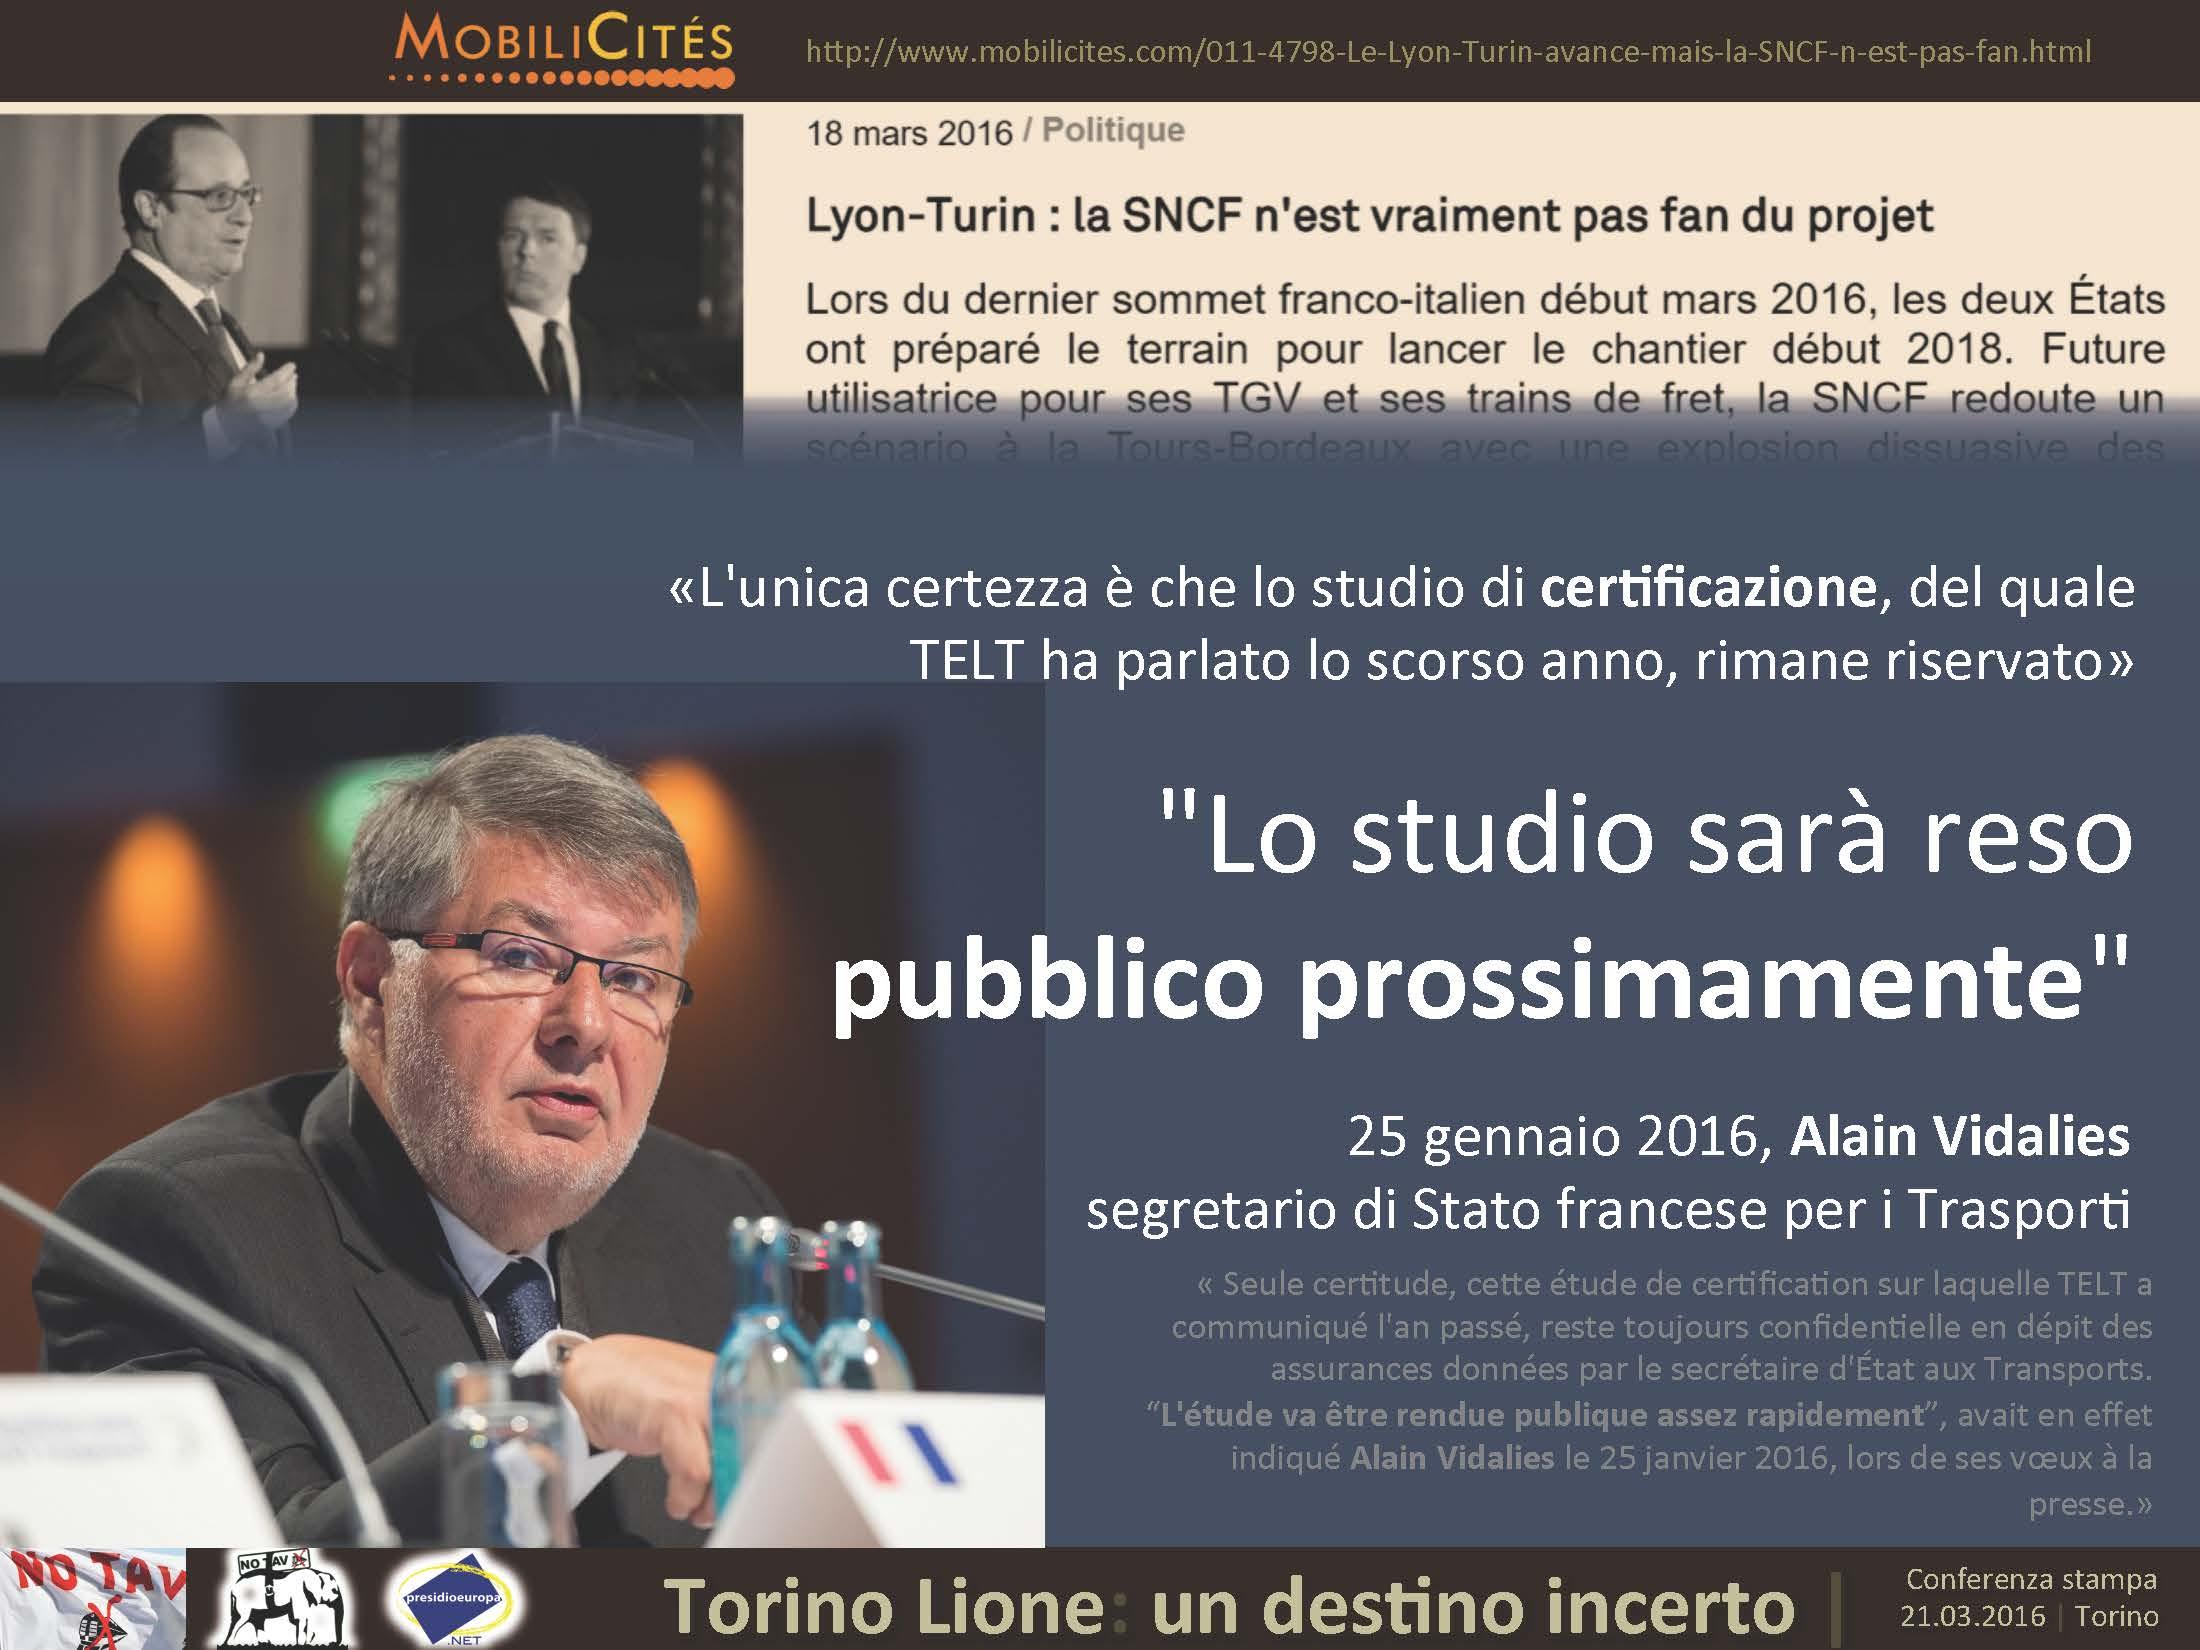 21M.presentazione (1)_Pagina_03